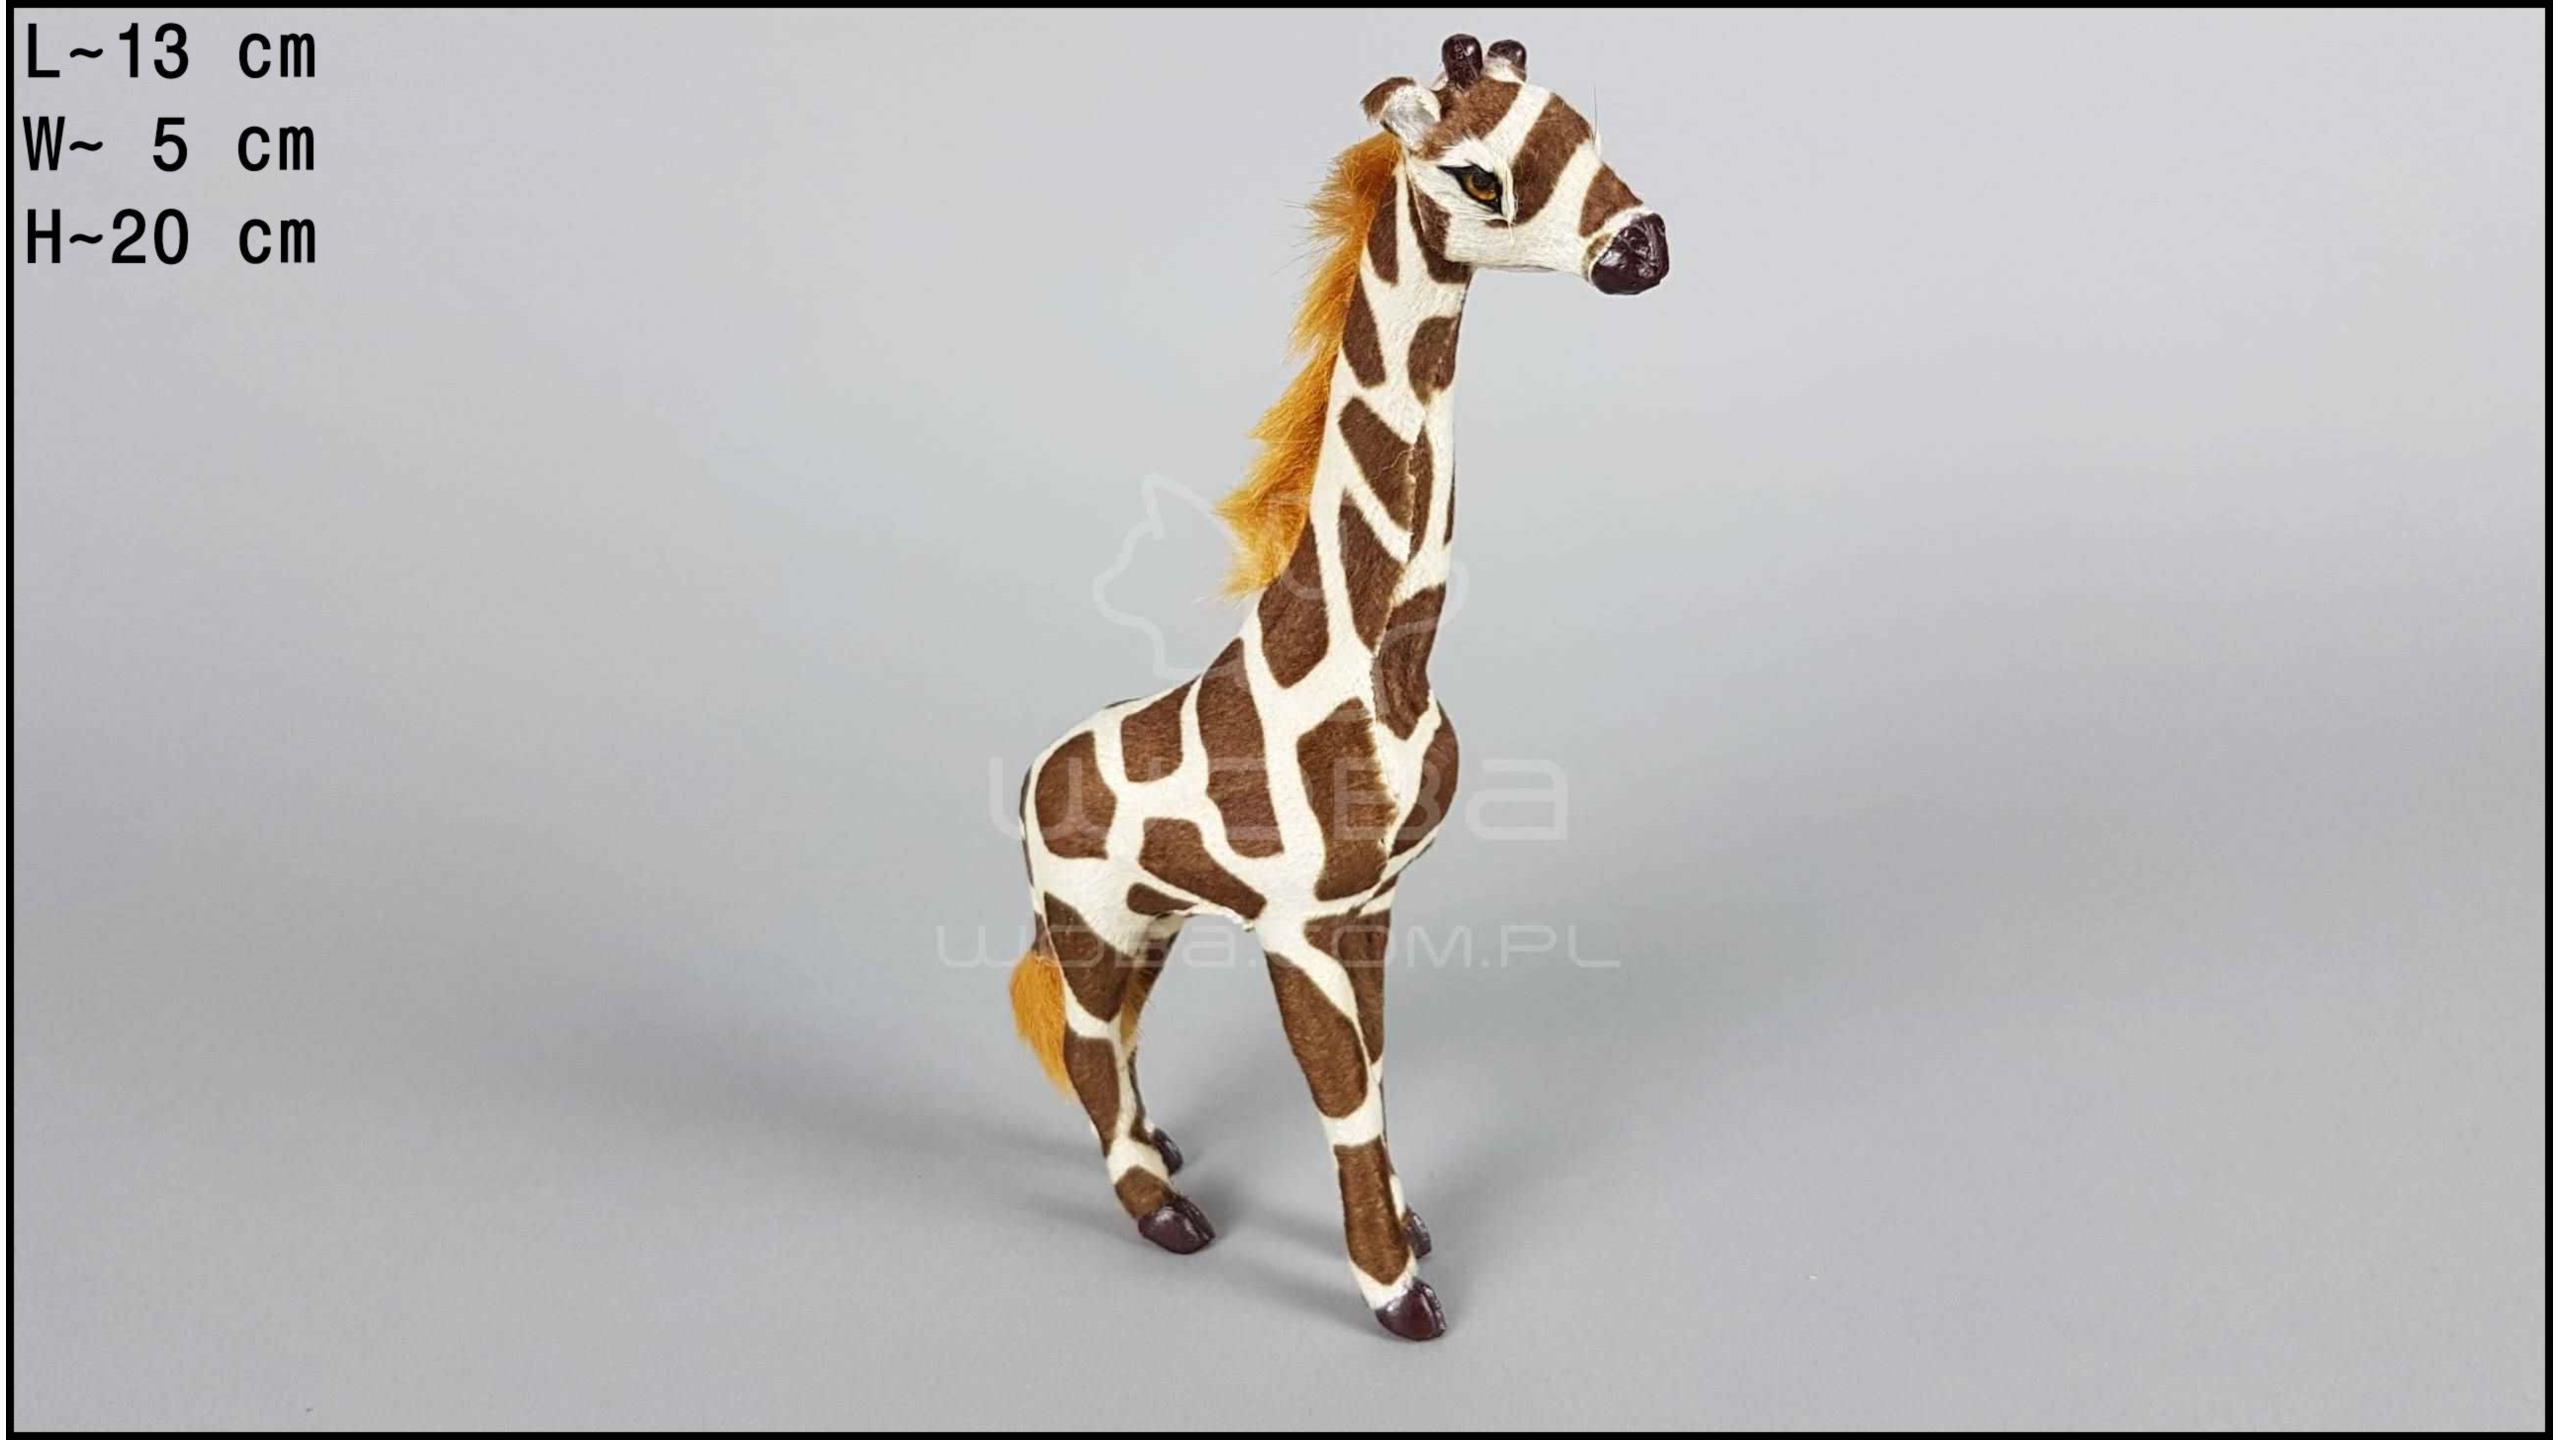 Żyrafa stojąca